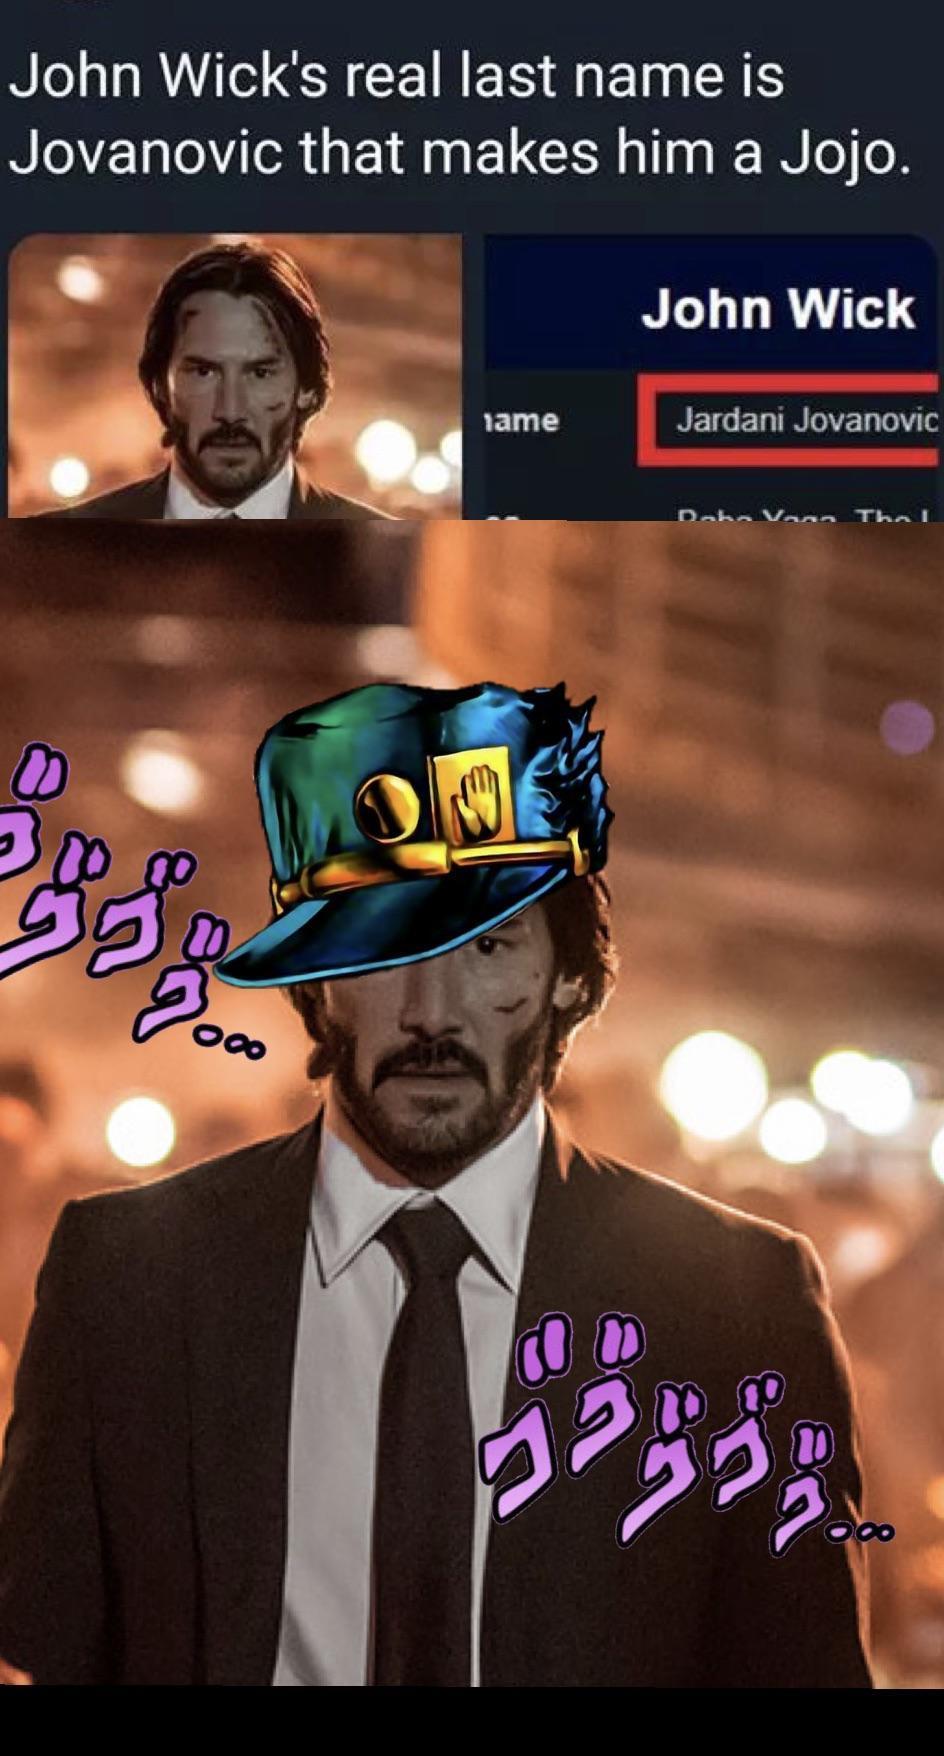 Is a jojo - meme